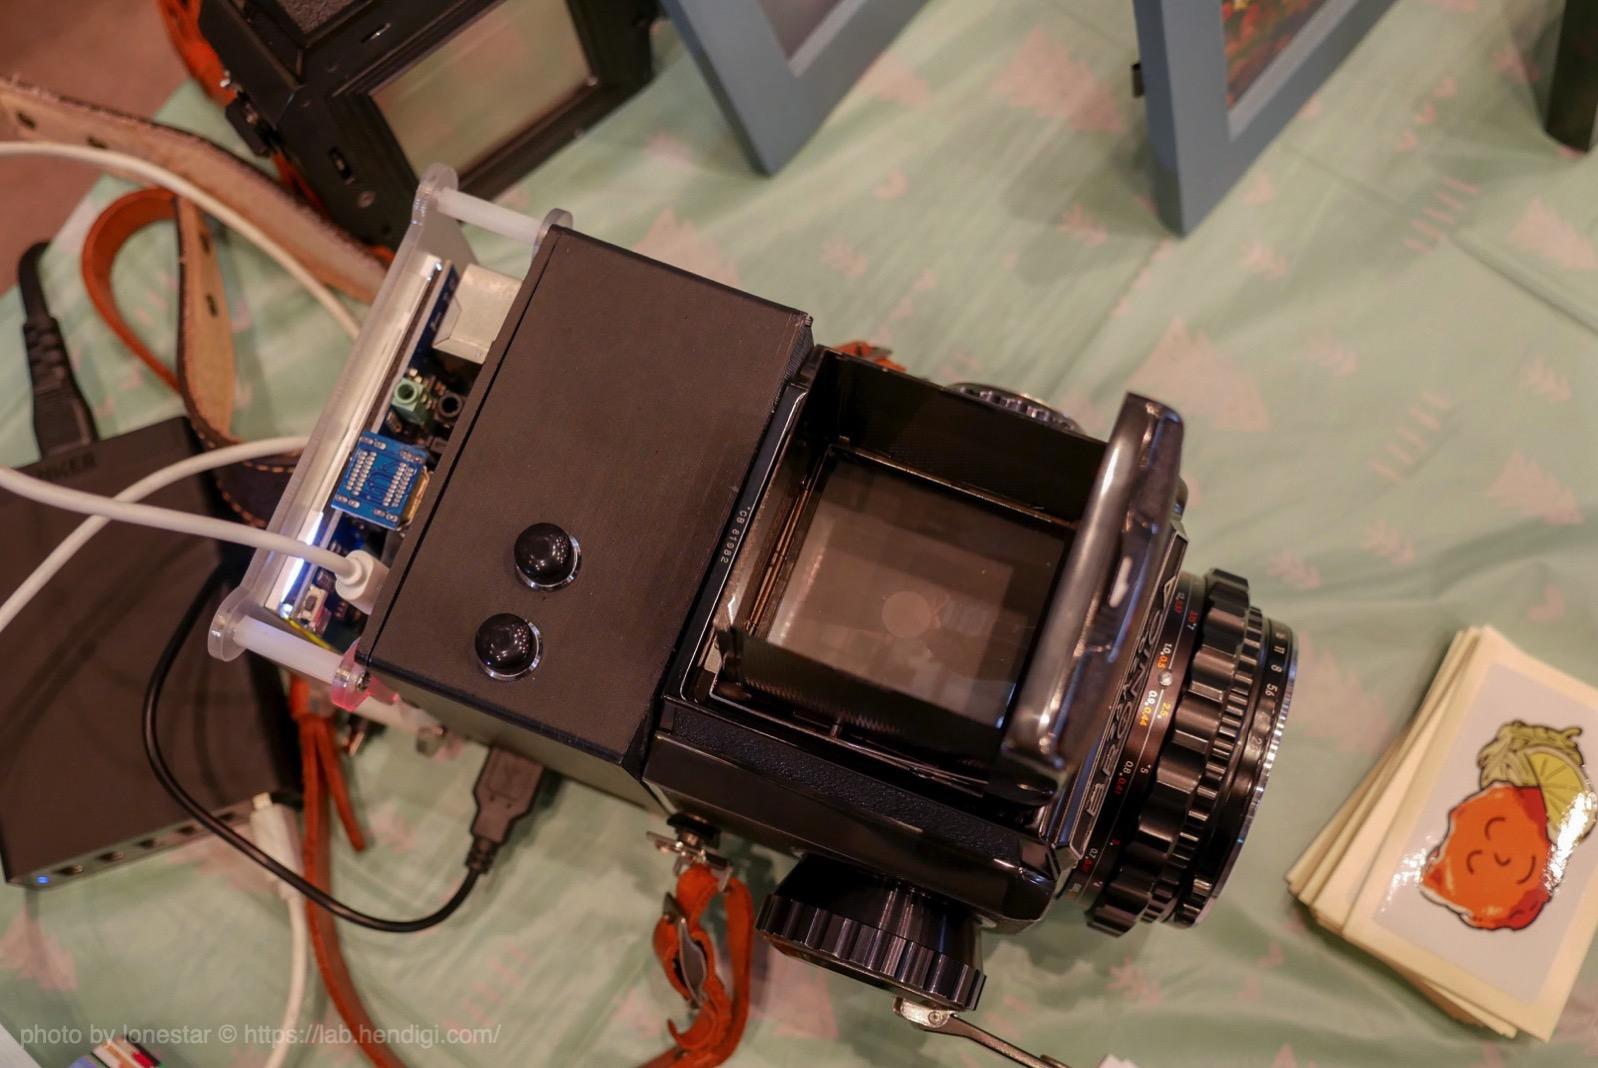 中判フィルムカメラ デジカメ化